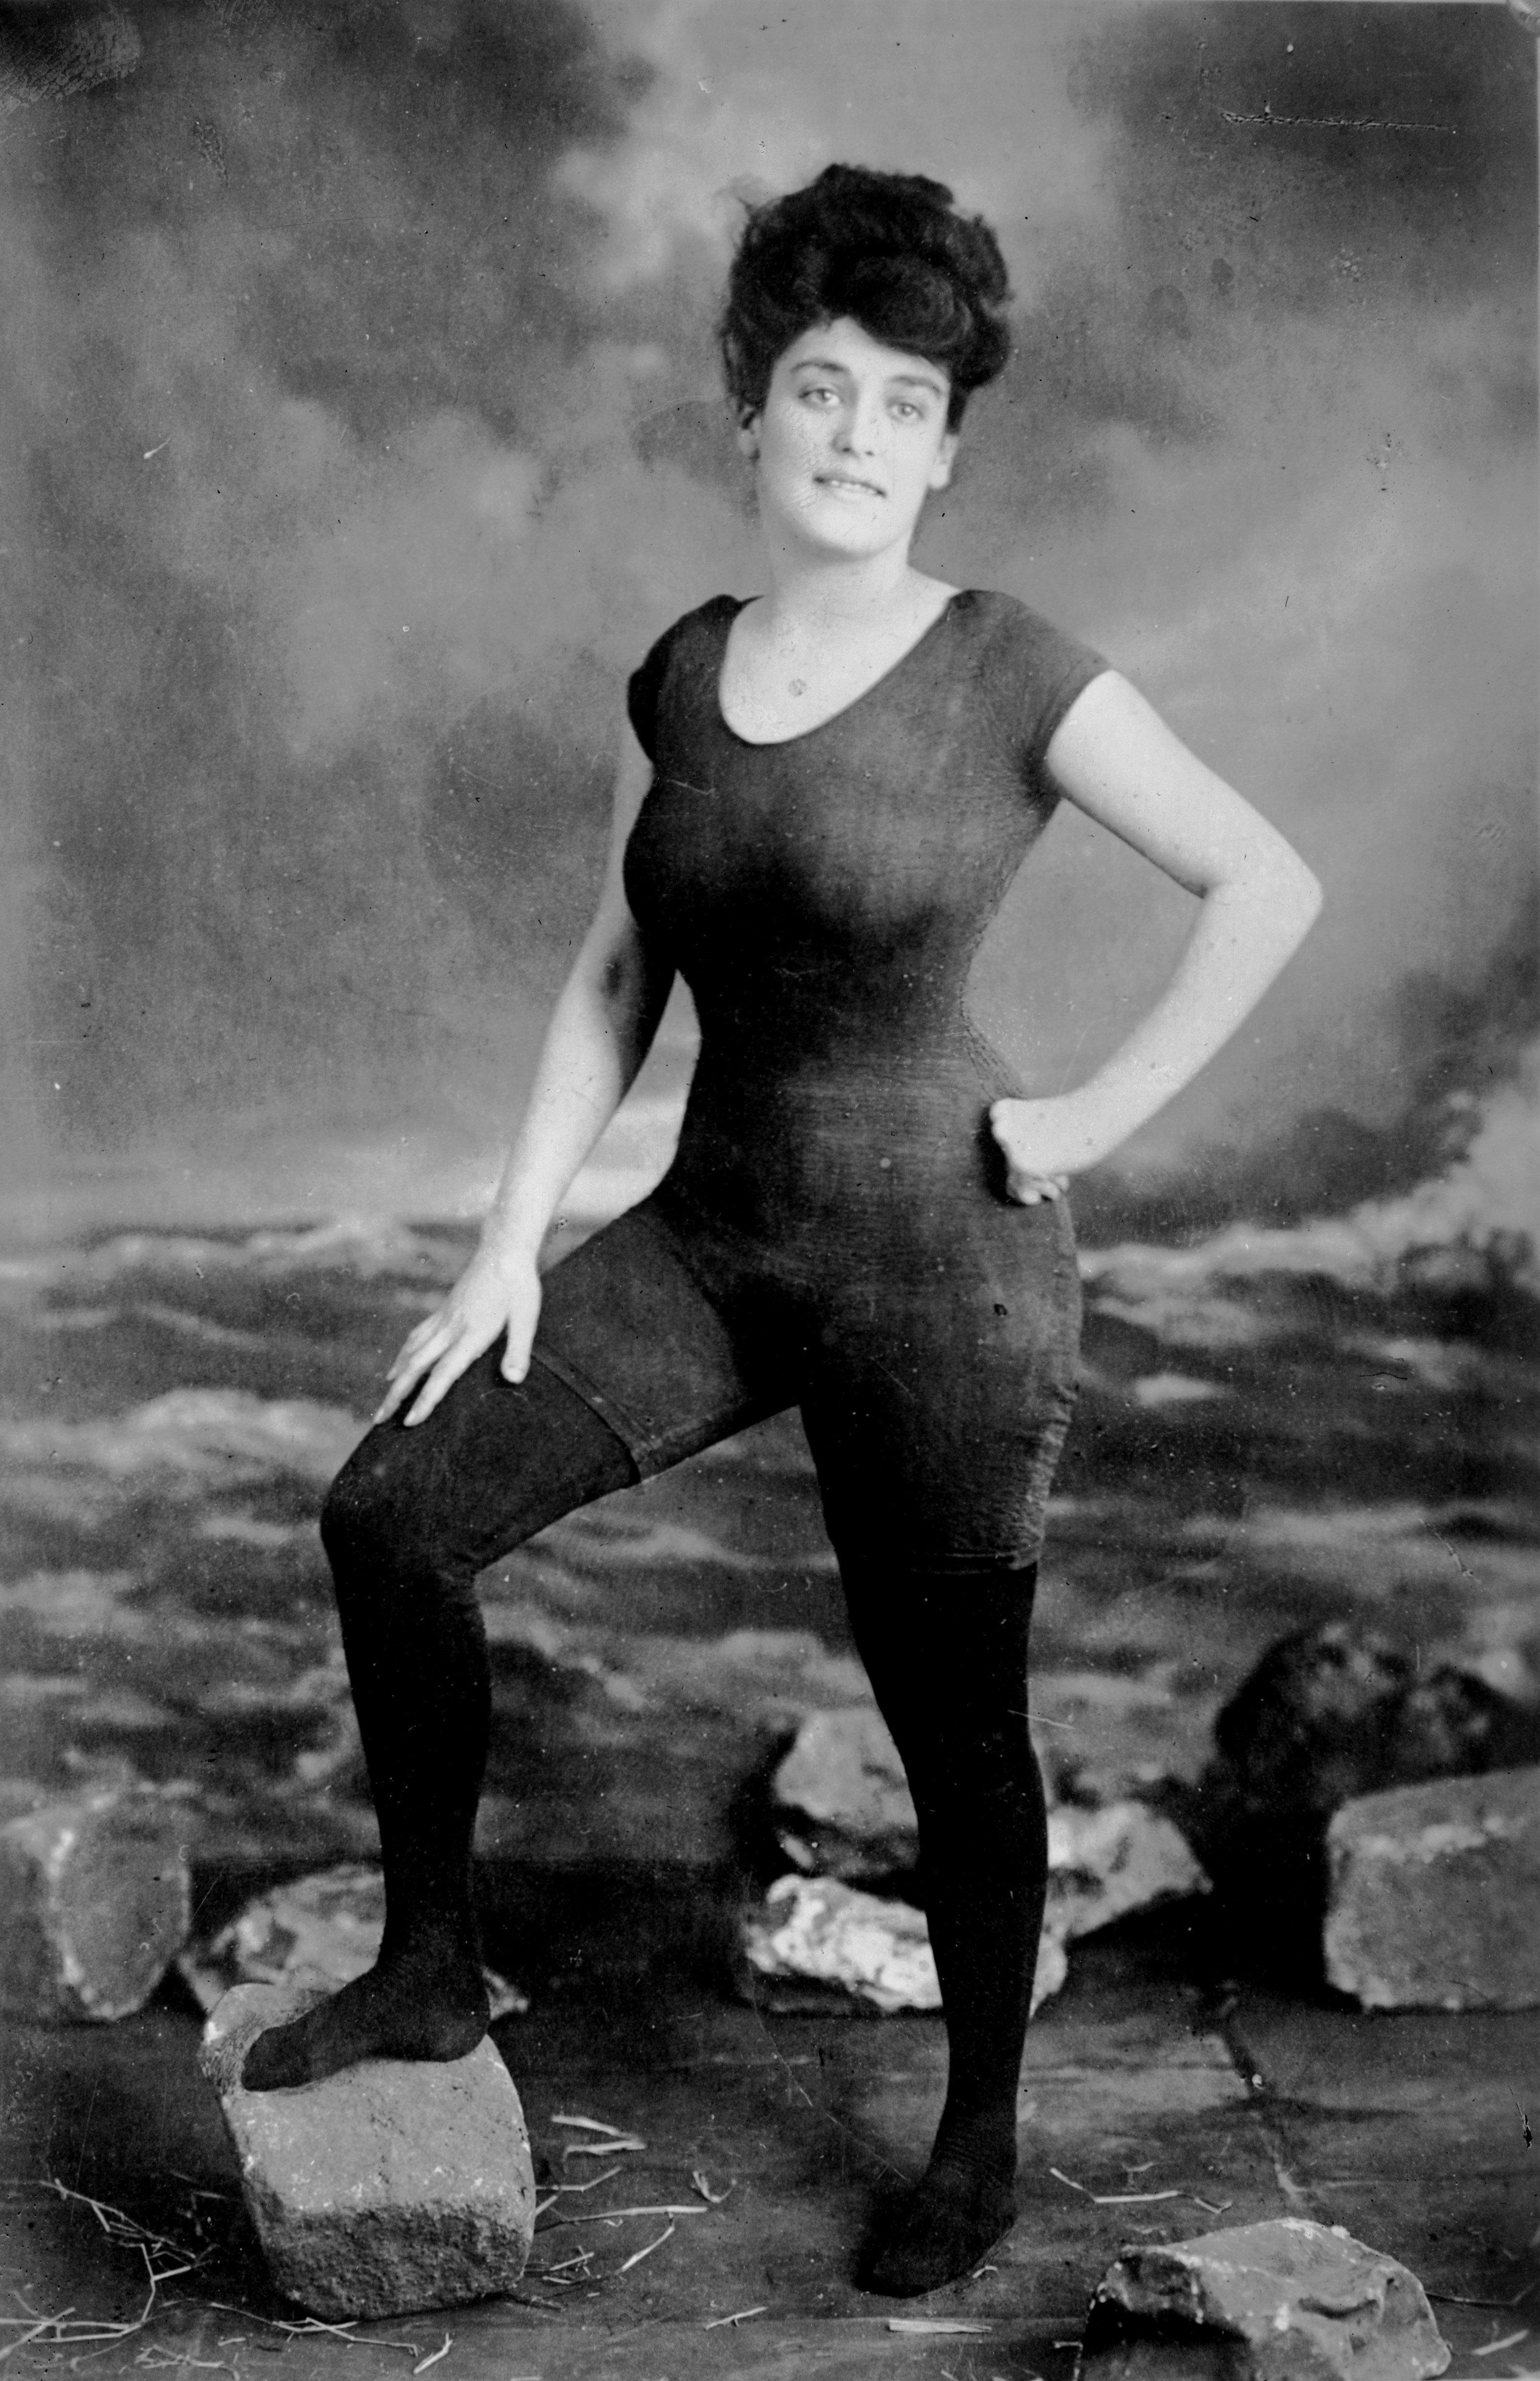 Annette Kellerman, la mujer que popularizó el precedente del traje de baño moderno